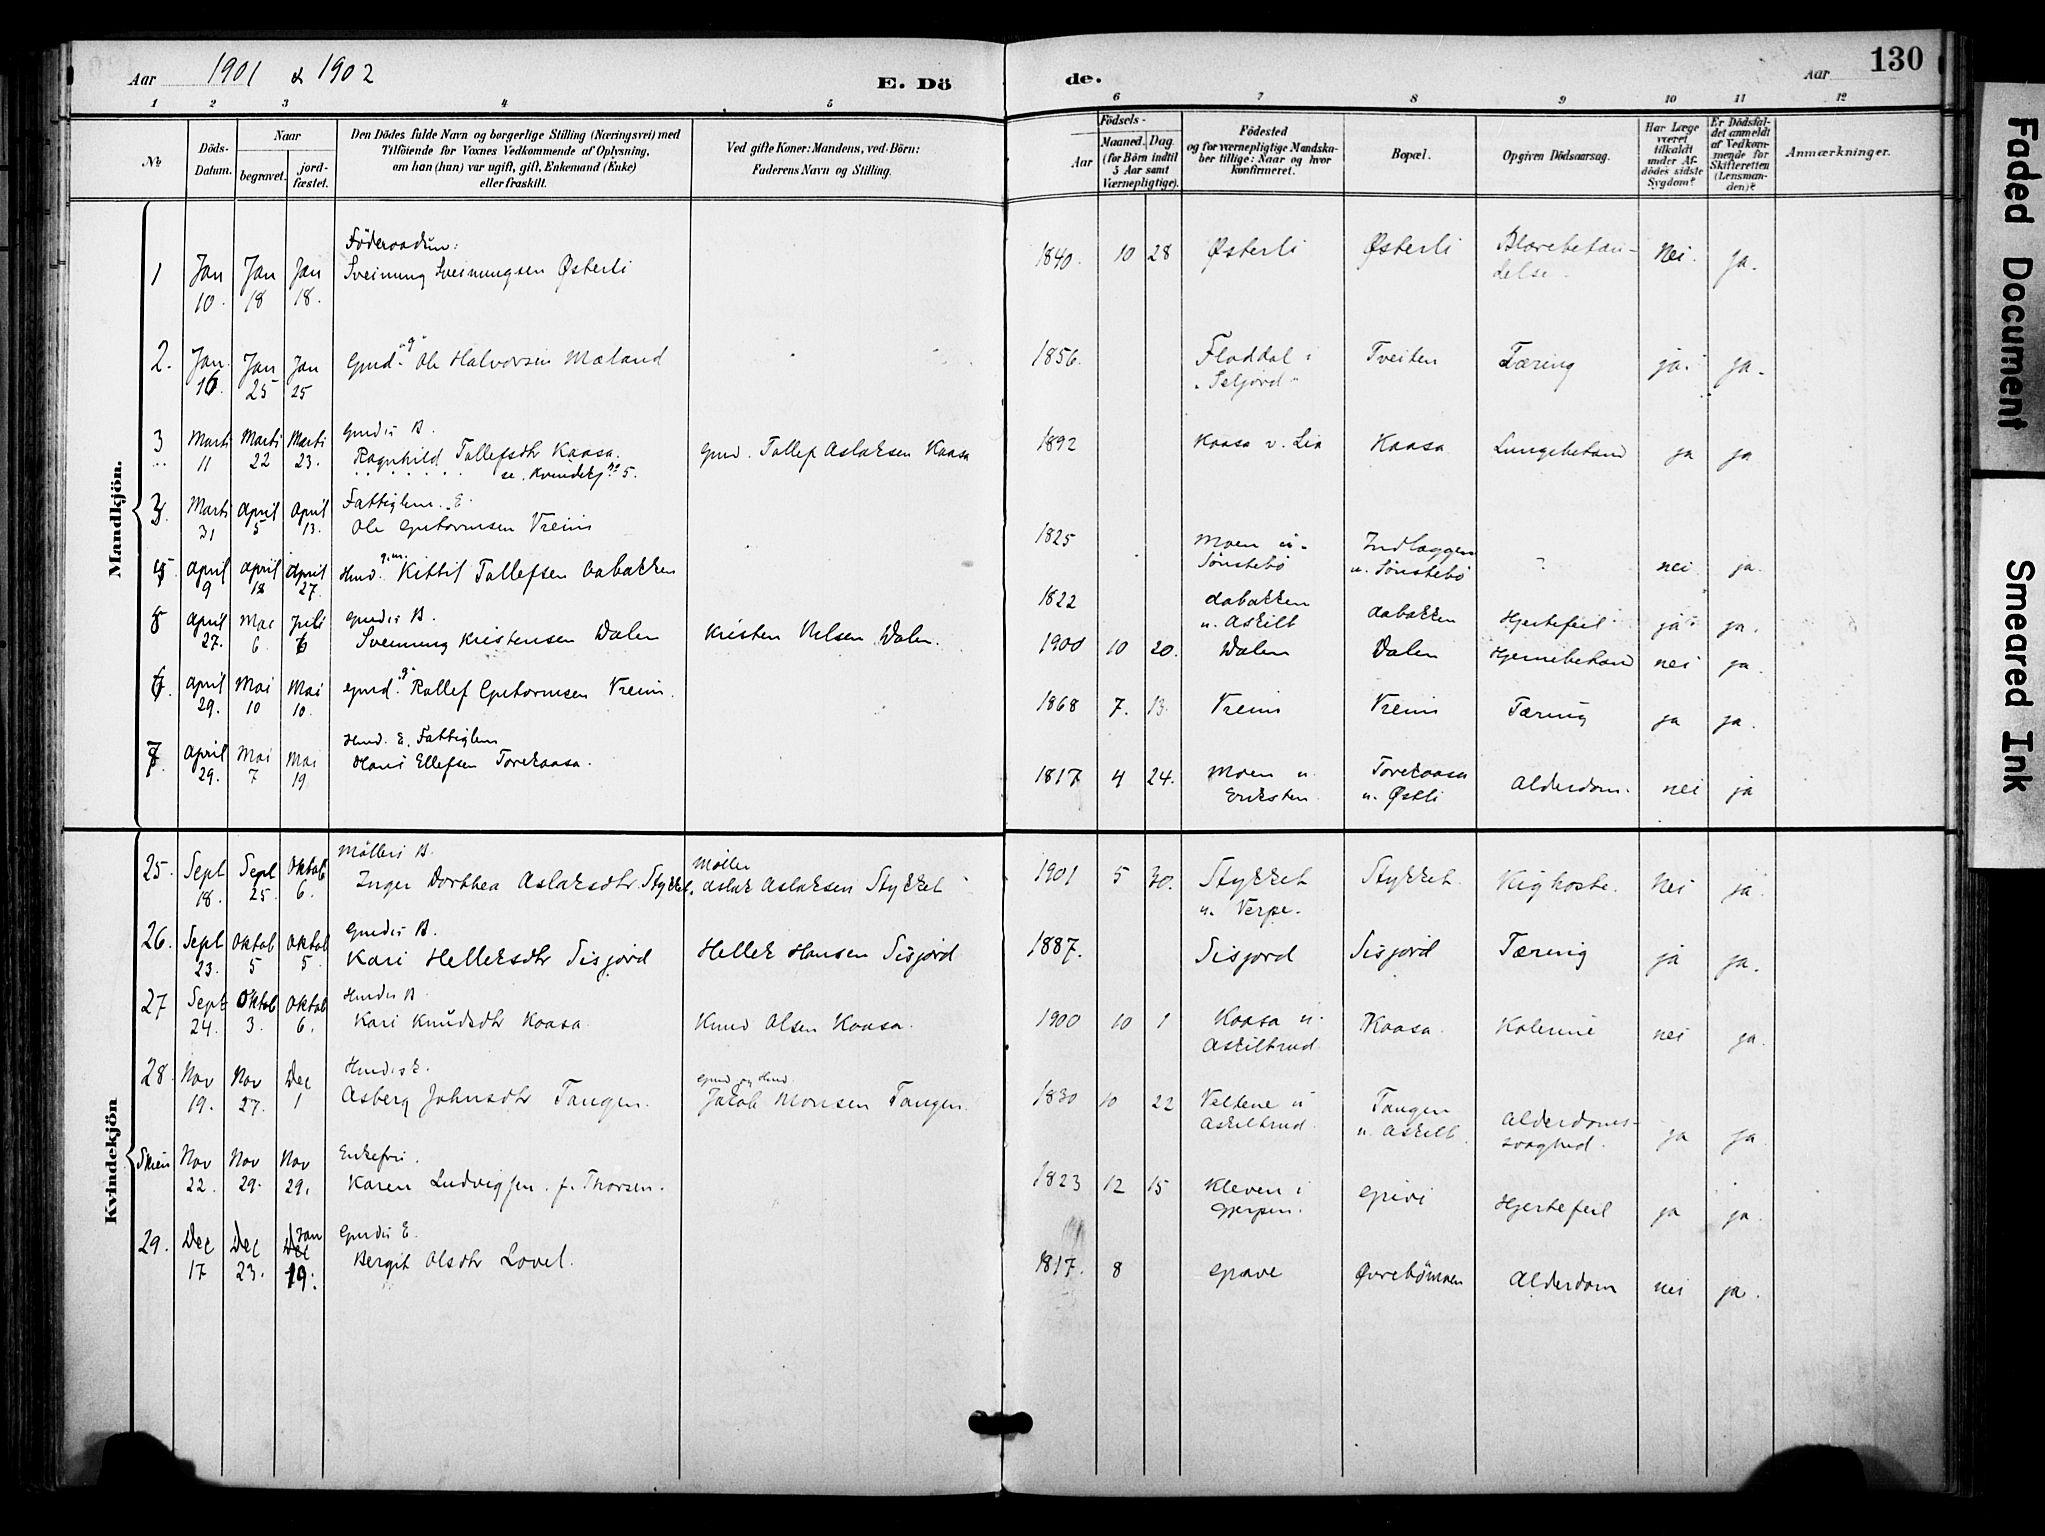 SAKO, Bø kirkebøker, F/Fa/L0012: Ministerialbok nr. 12, 1900-1908, s. 130